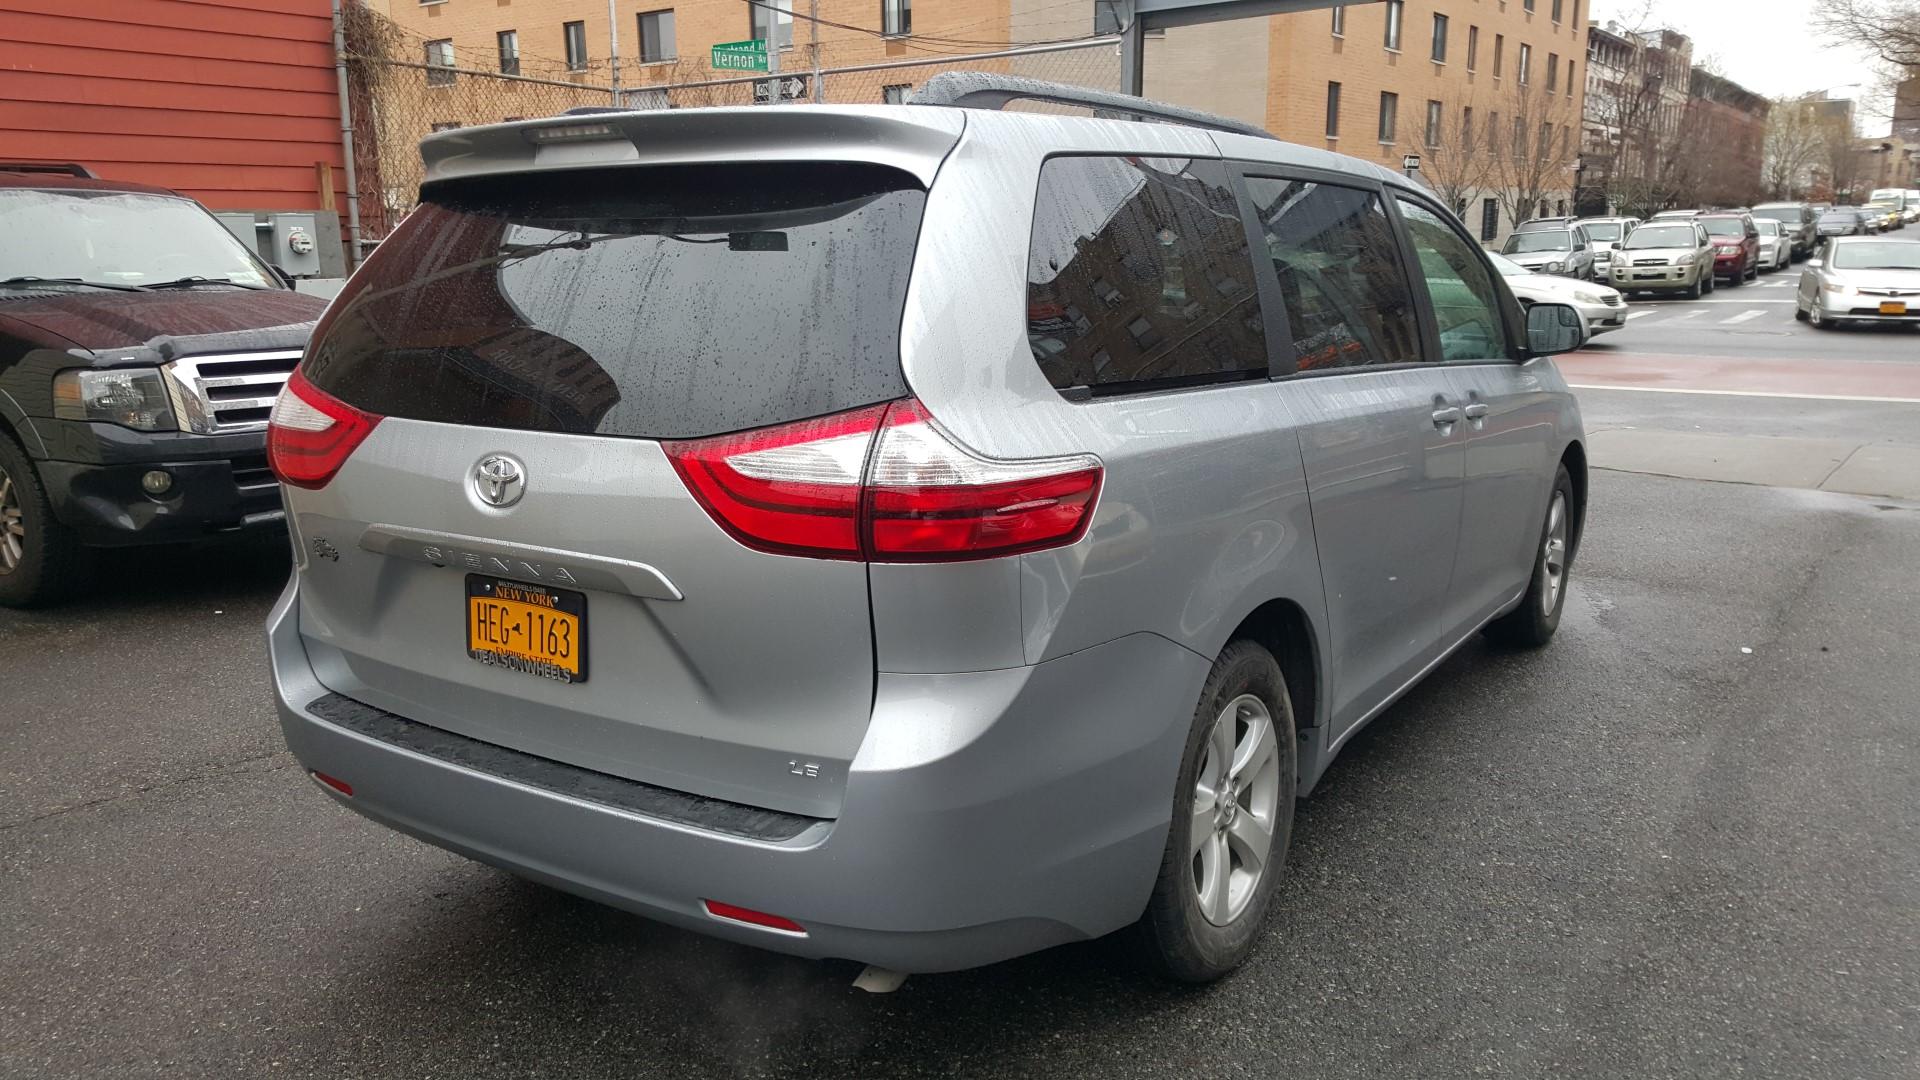 New Car 03.15 (1)